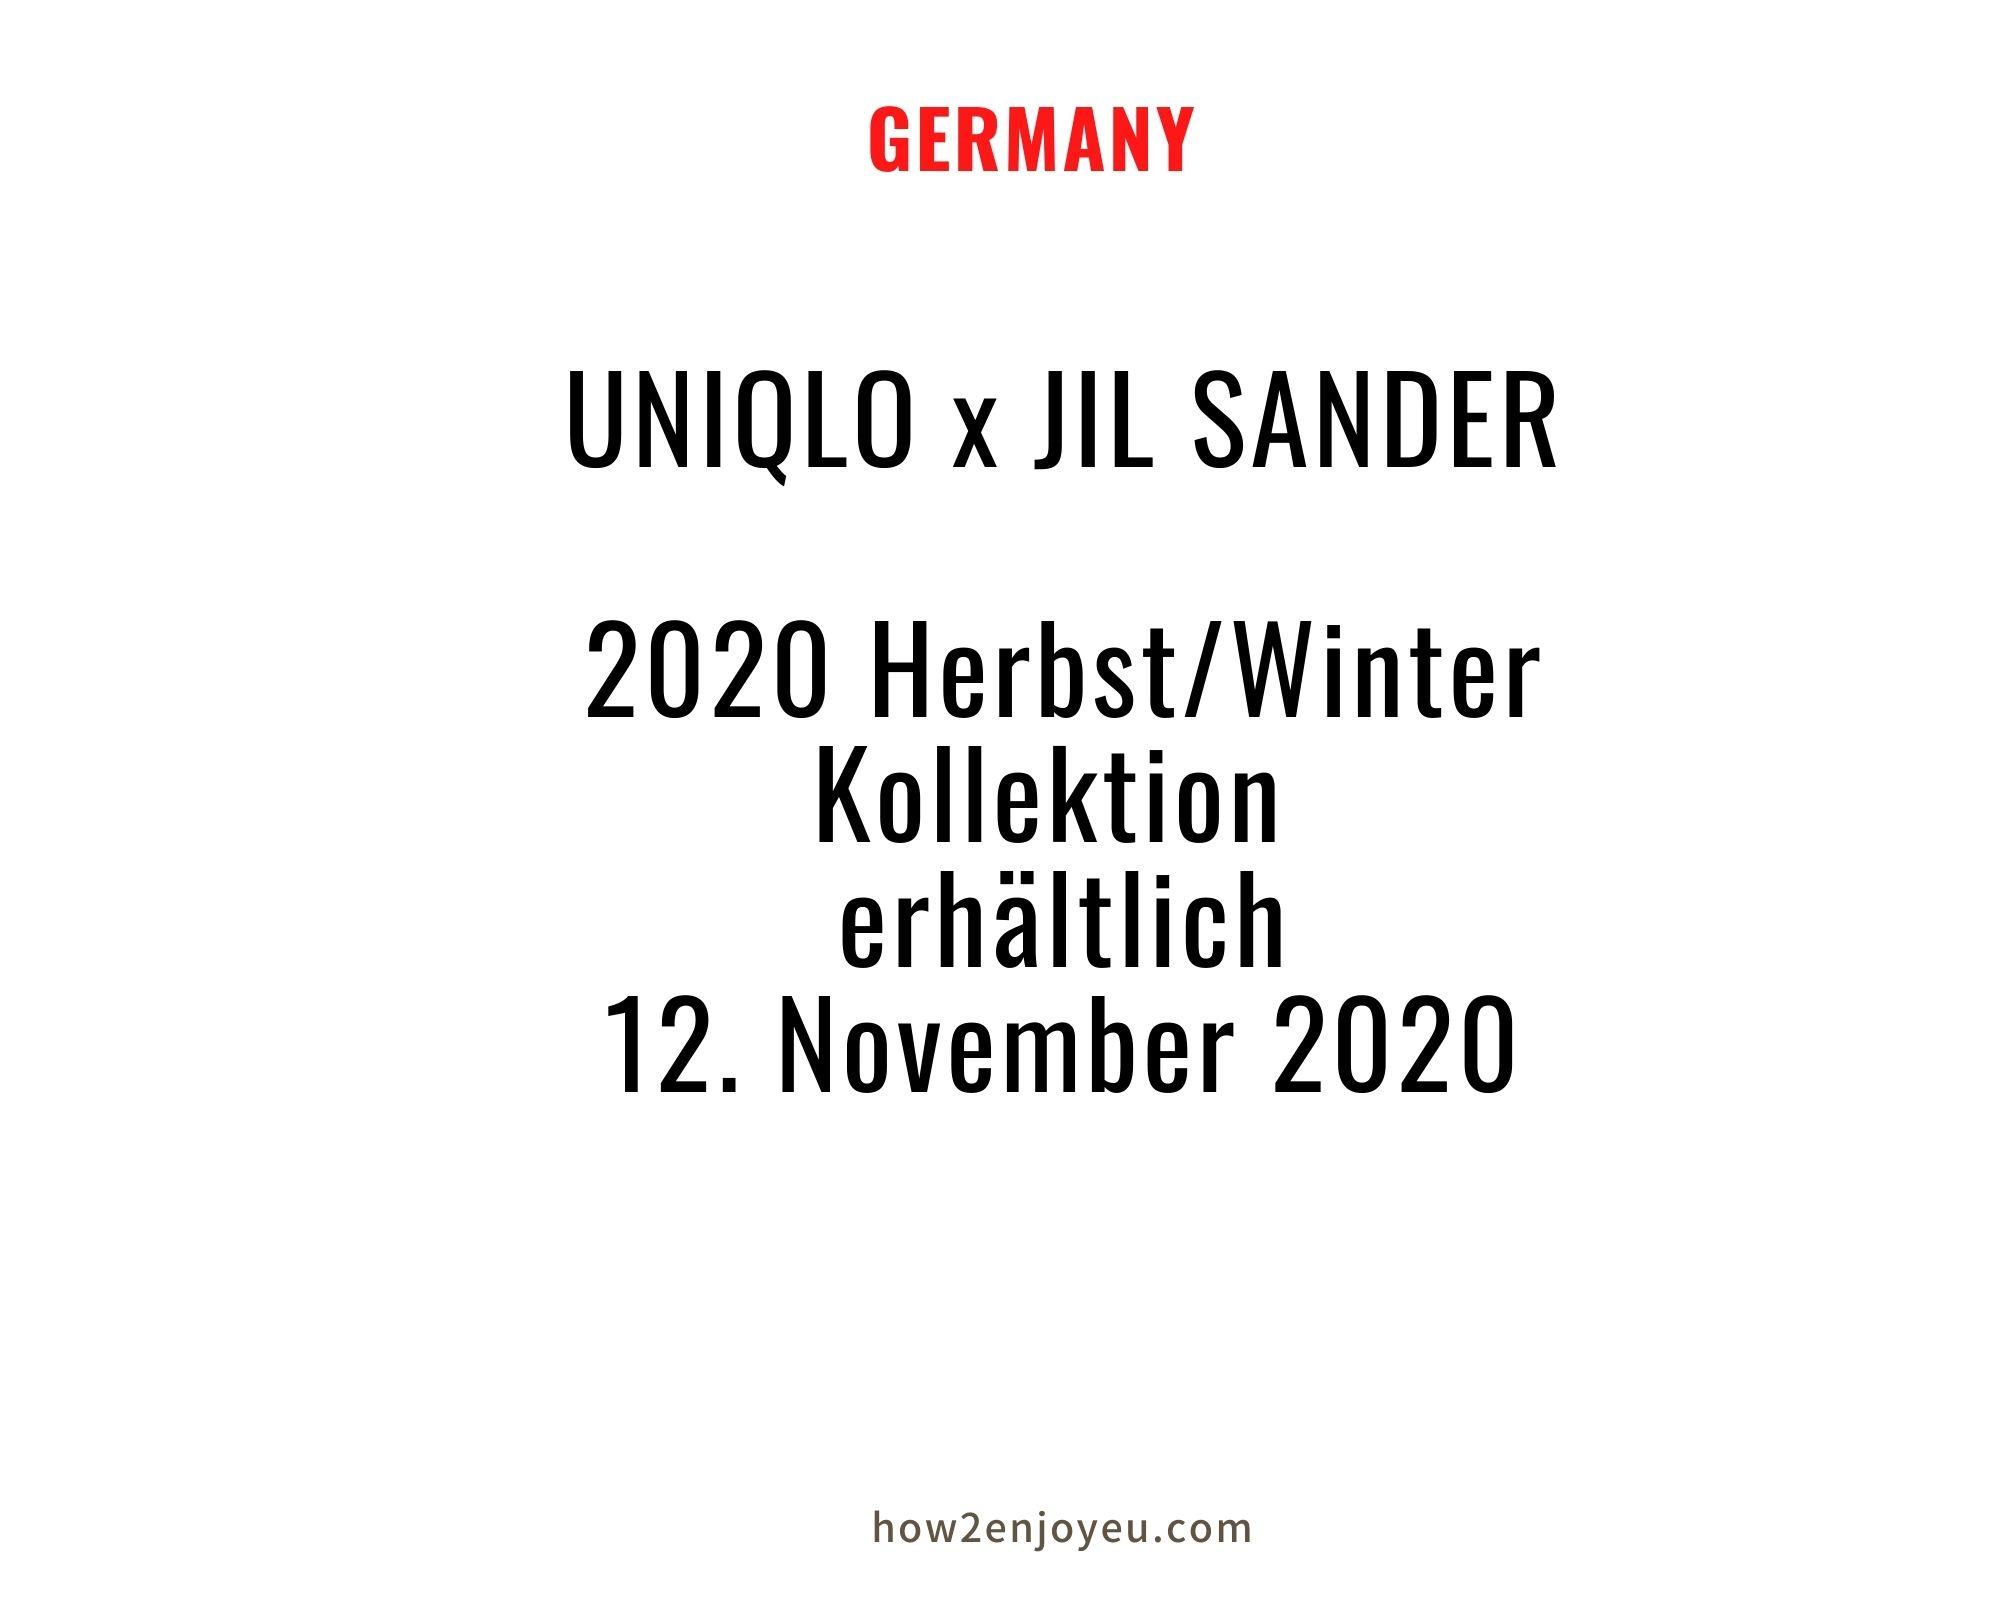 ジル・サンダーとユニクロのコラボ、「プラスJ」の発売日が決定、ドイツは日本より1日早く販売スタート